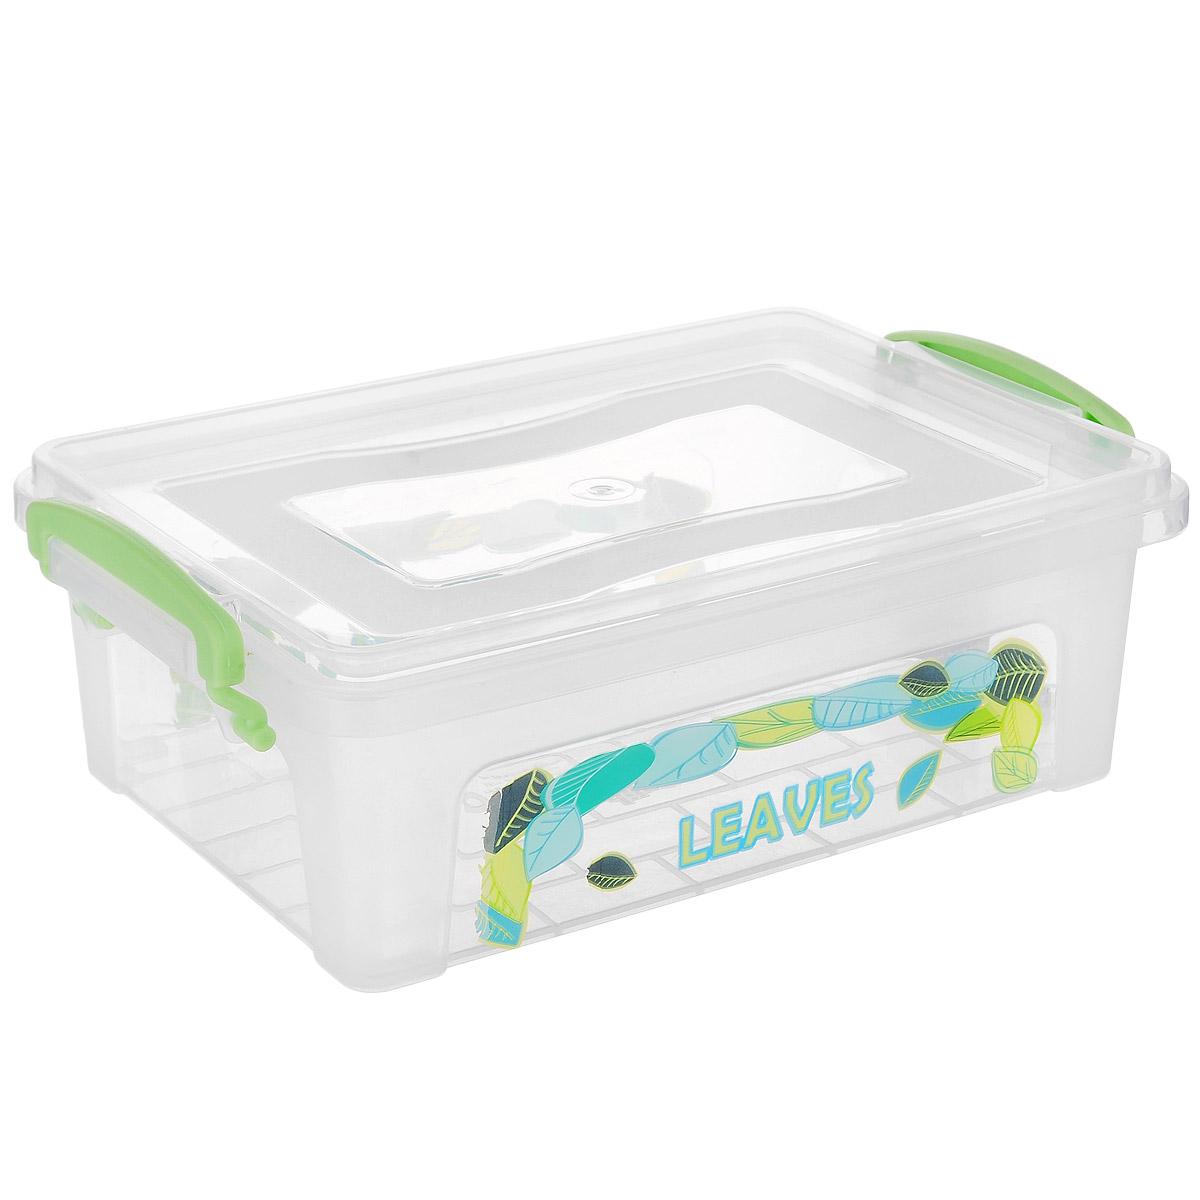 Контейнер Dunya Plastik Клиер Ниш, 2 л, в ассортименте30252Контейнер Dunya Plastik Клиер Ниш выполнен из прочного прозрачного пластика. Он предназначен для хранения различных мелких вещей. Крышка легко открывается и плотно закрывается. Прозрачные стенки позволяют видеть содержимое. По бокам предусмотрены две удобные ручки, с помощью которых контейнер закрывается. Контейнер поможет хранить все в одном месте, а также защитить вещи от пыли, грязи и влаги. Размер контейнера: 23,5 см х 16 см. Высота (без учета крышки): 7 см.